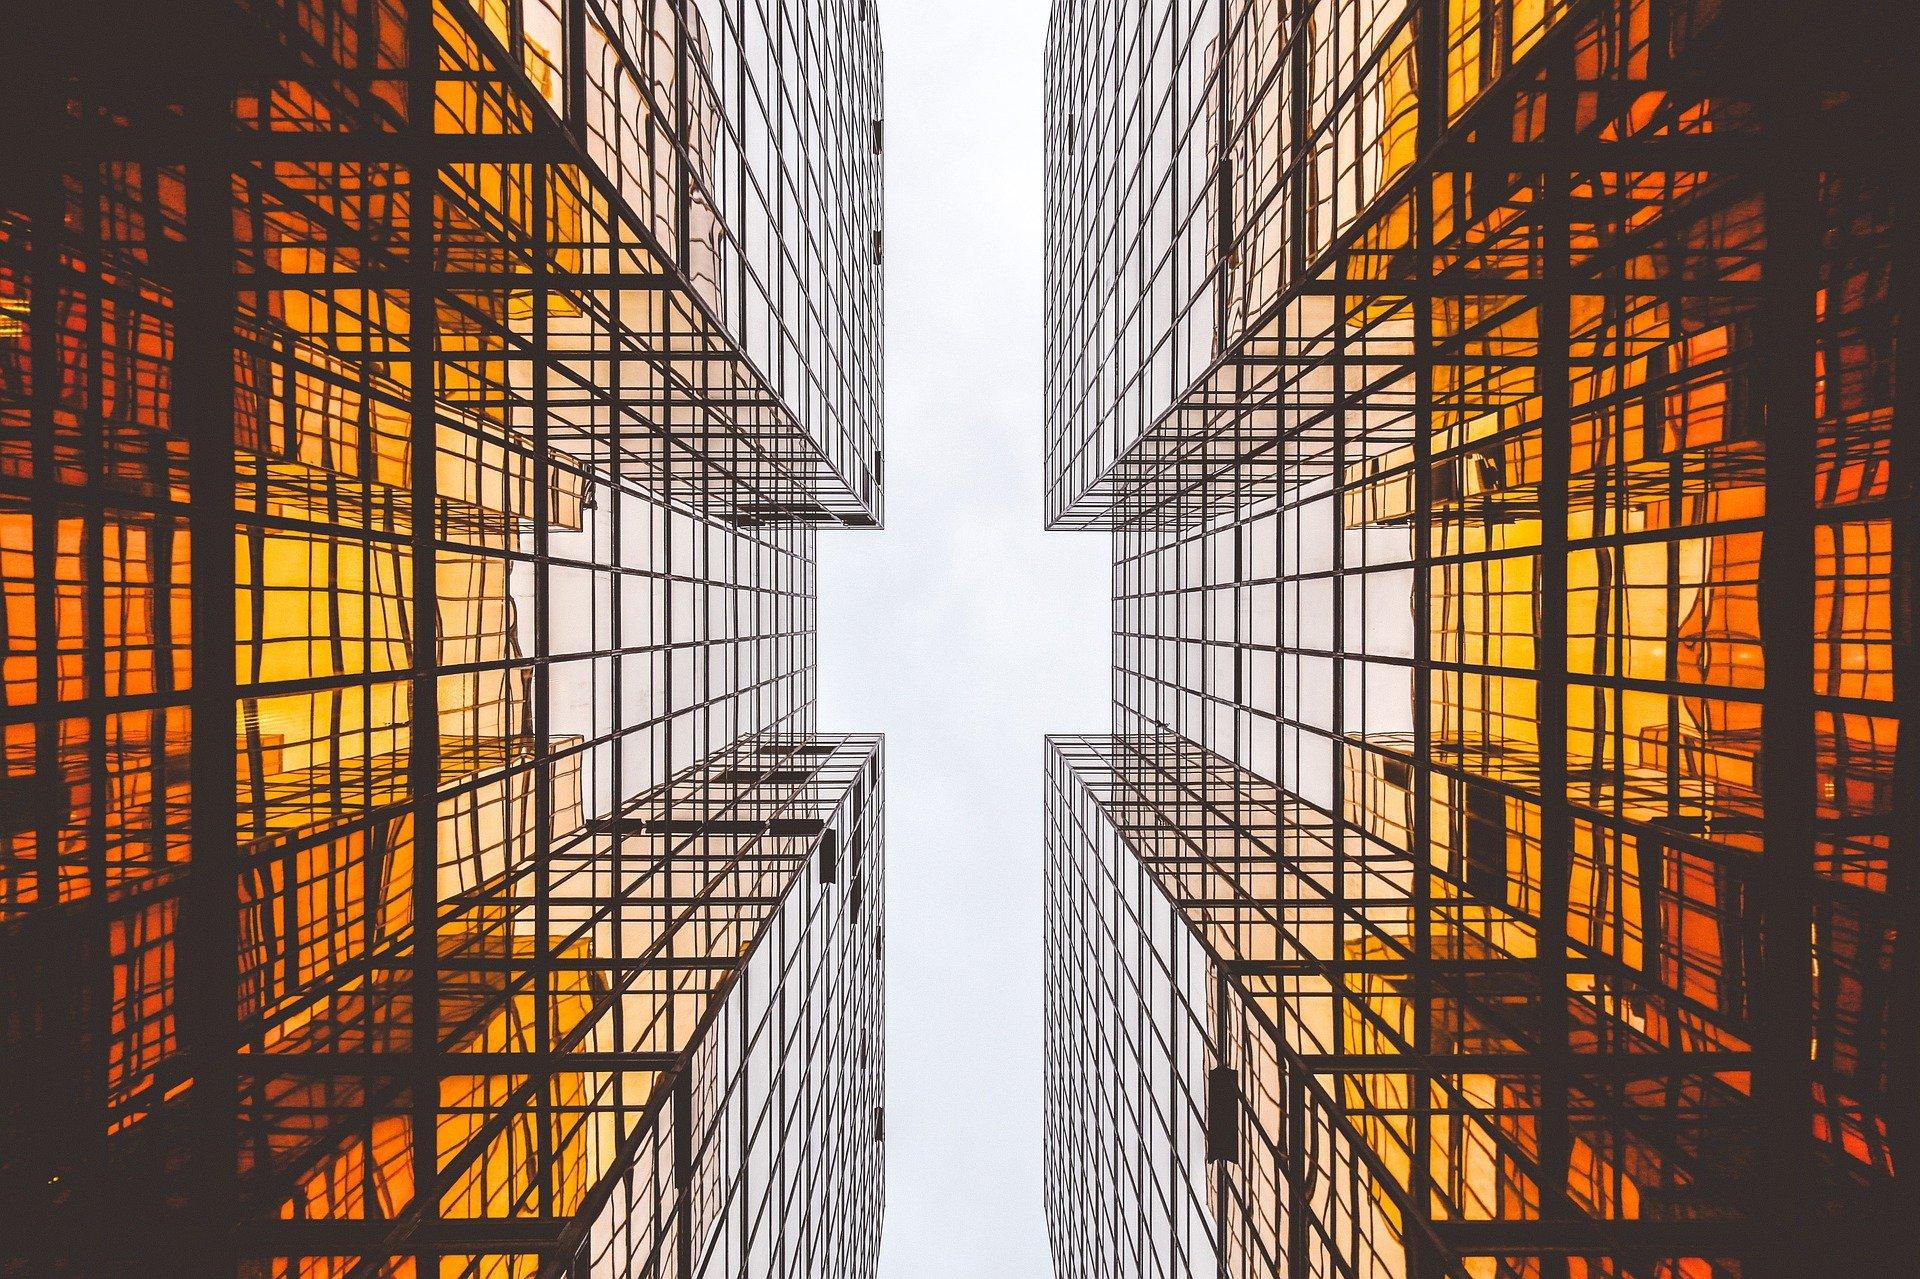 La transition numérique se saisit du secteur de la construction !